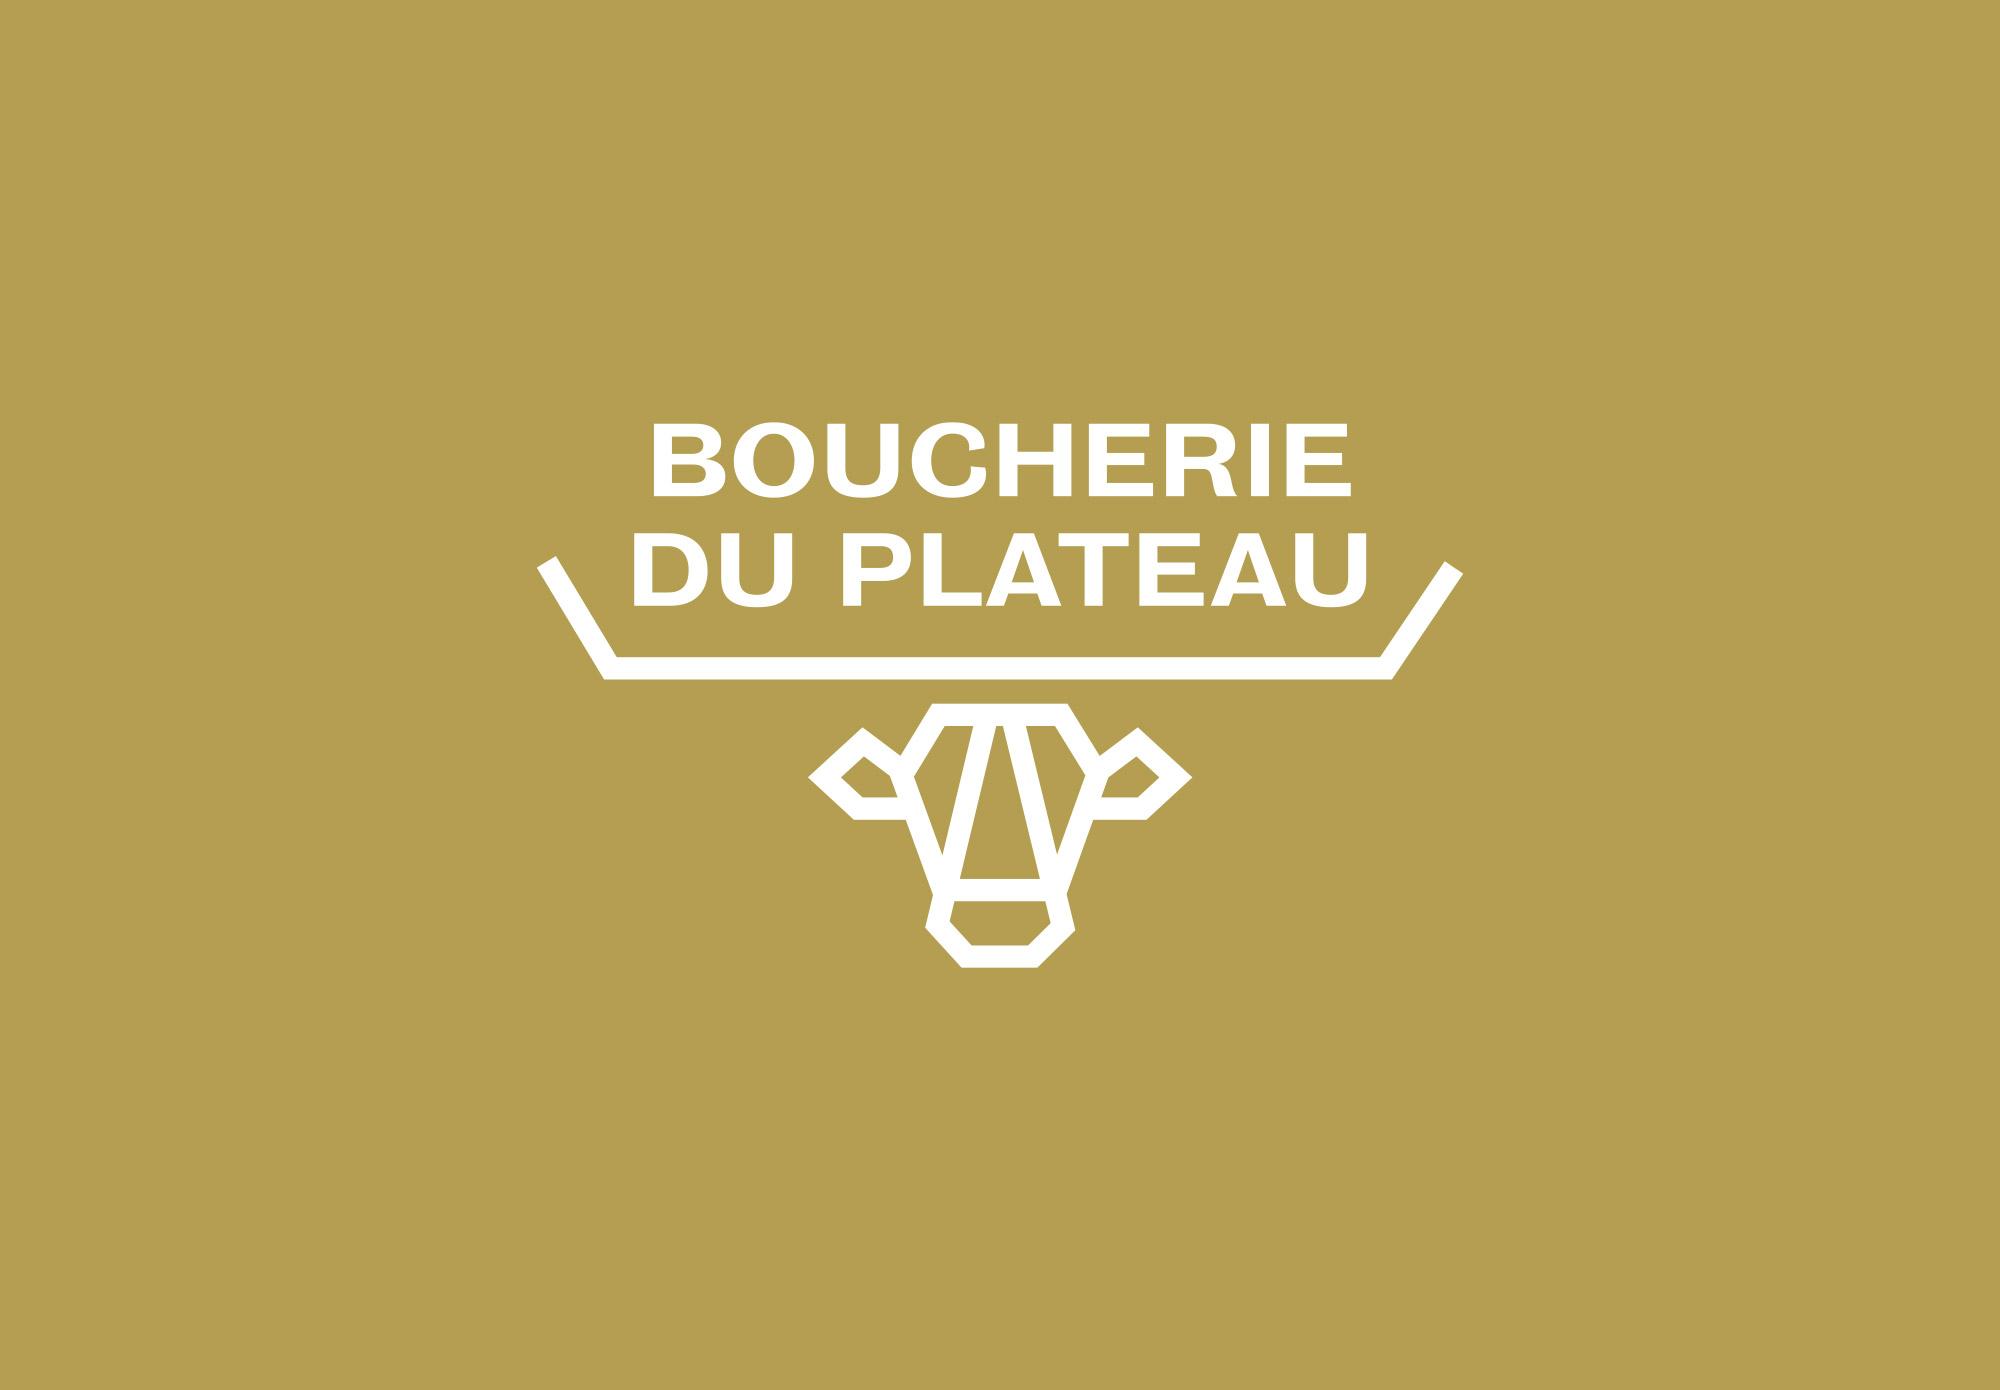 La Boucherie du Plateau